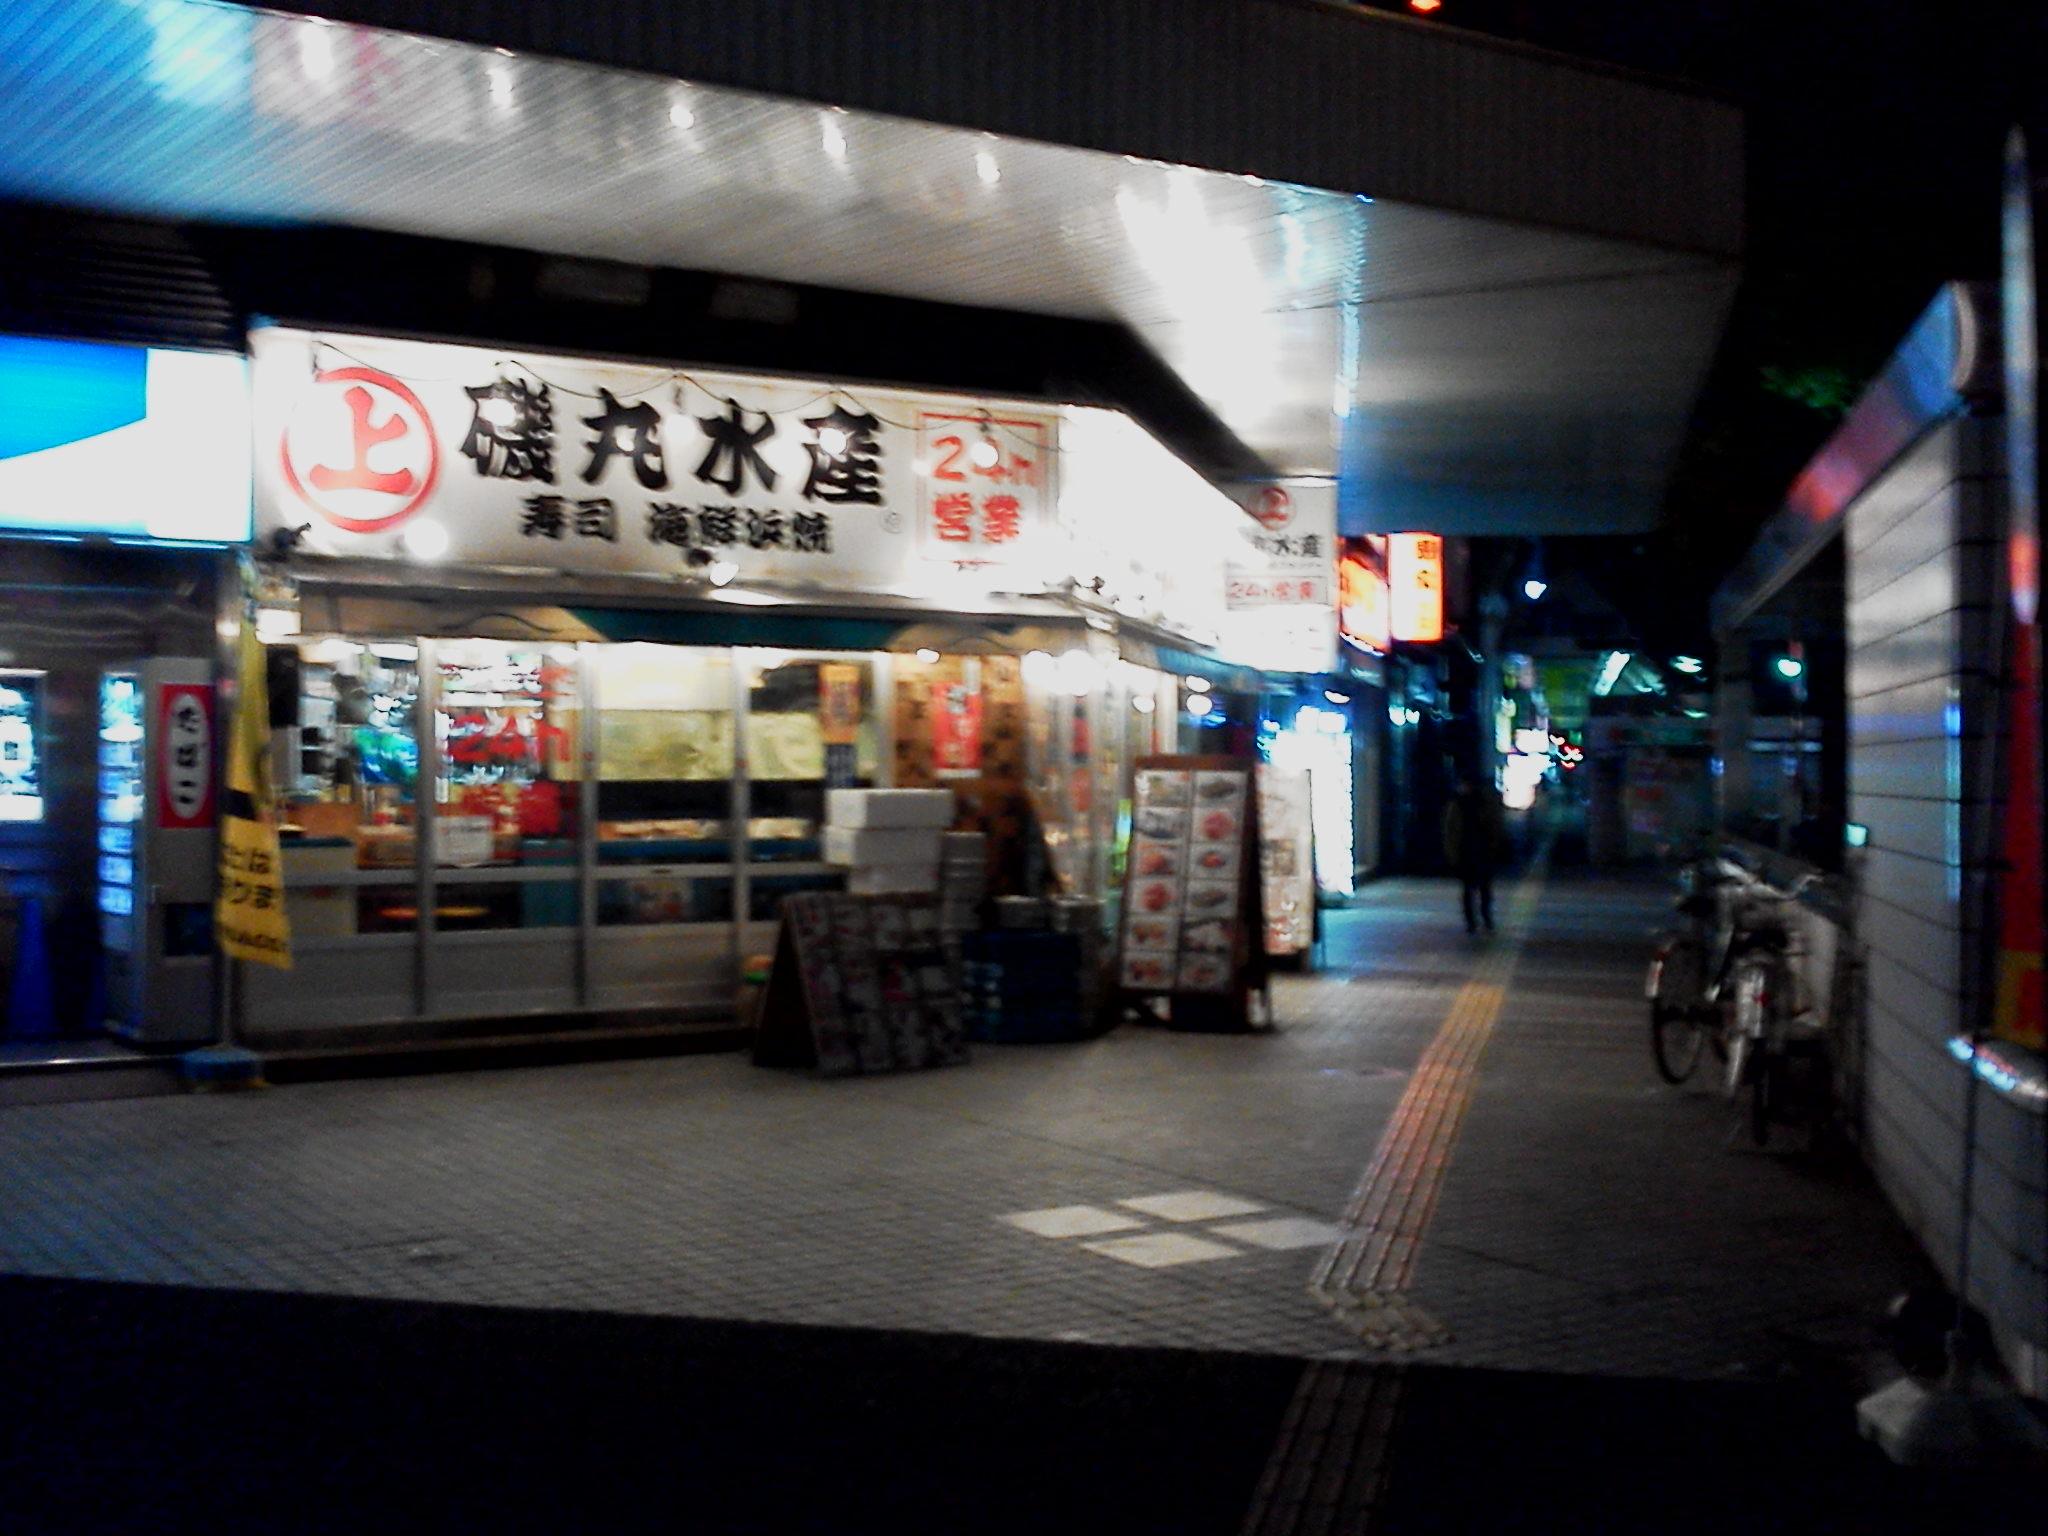 24時間いつでも海鮮料理が楽しめる「磯丸水産」川崎駅前店に ...